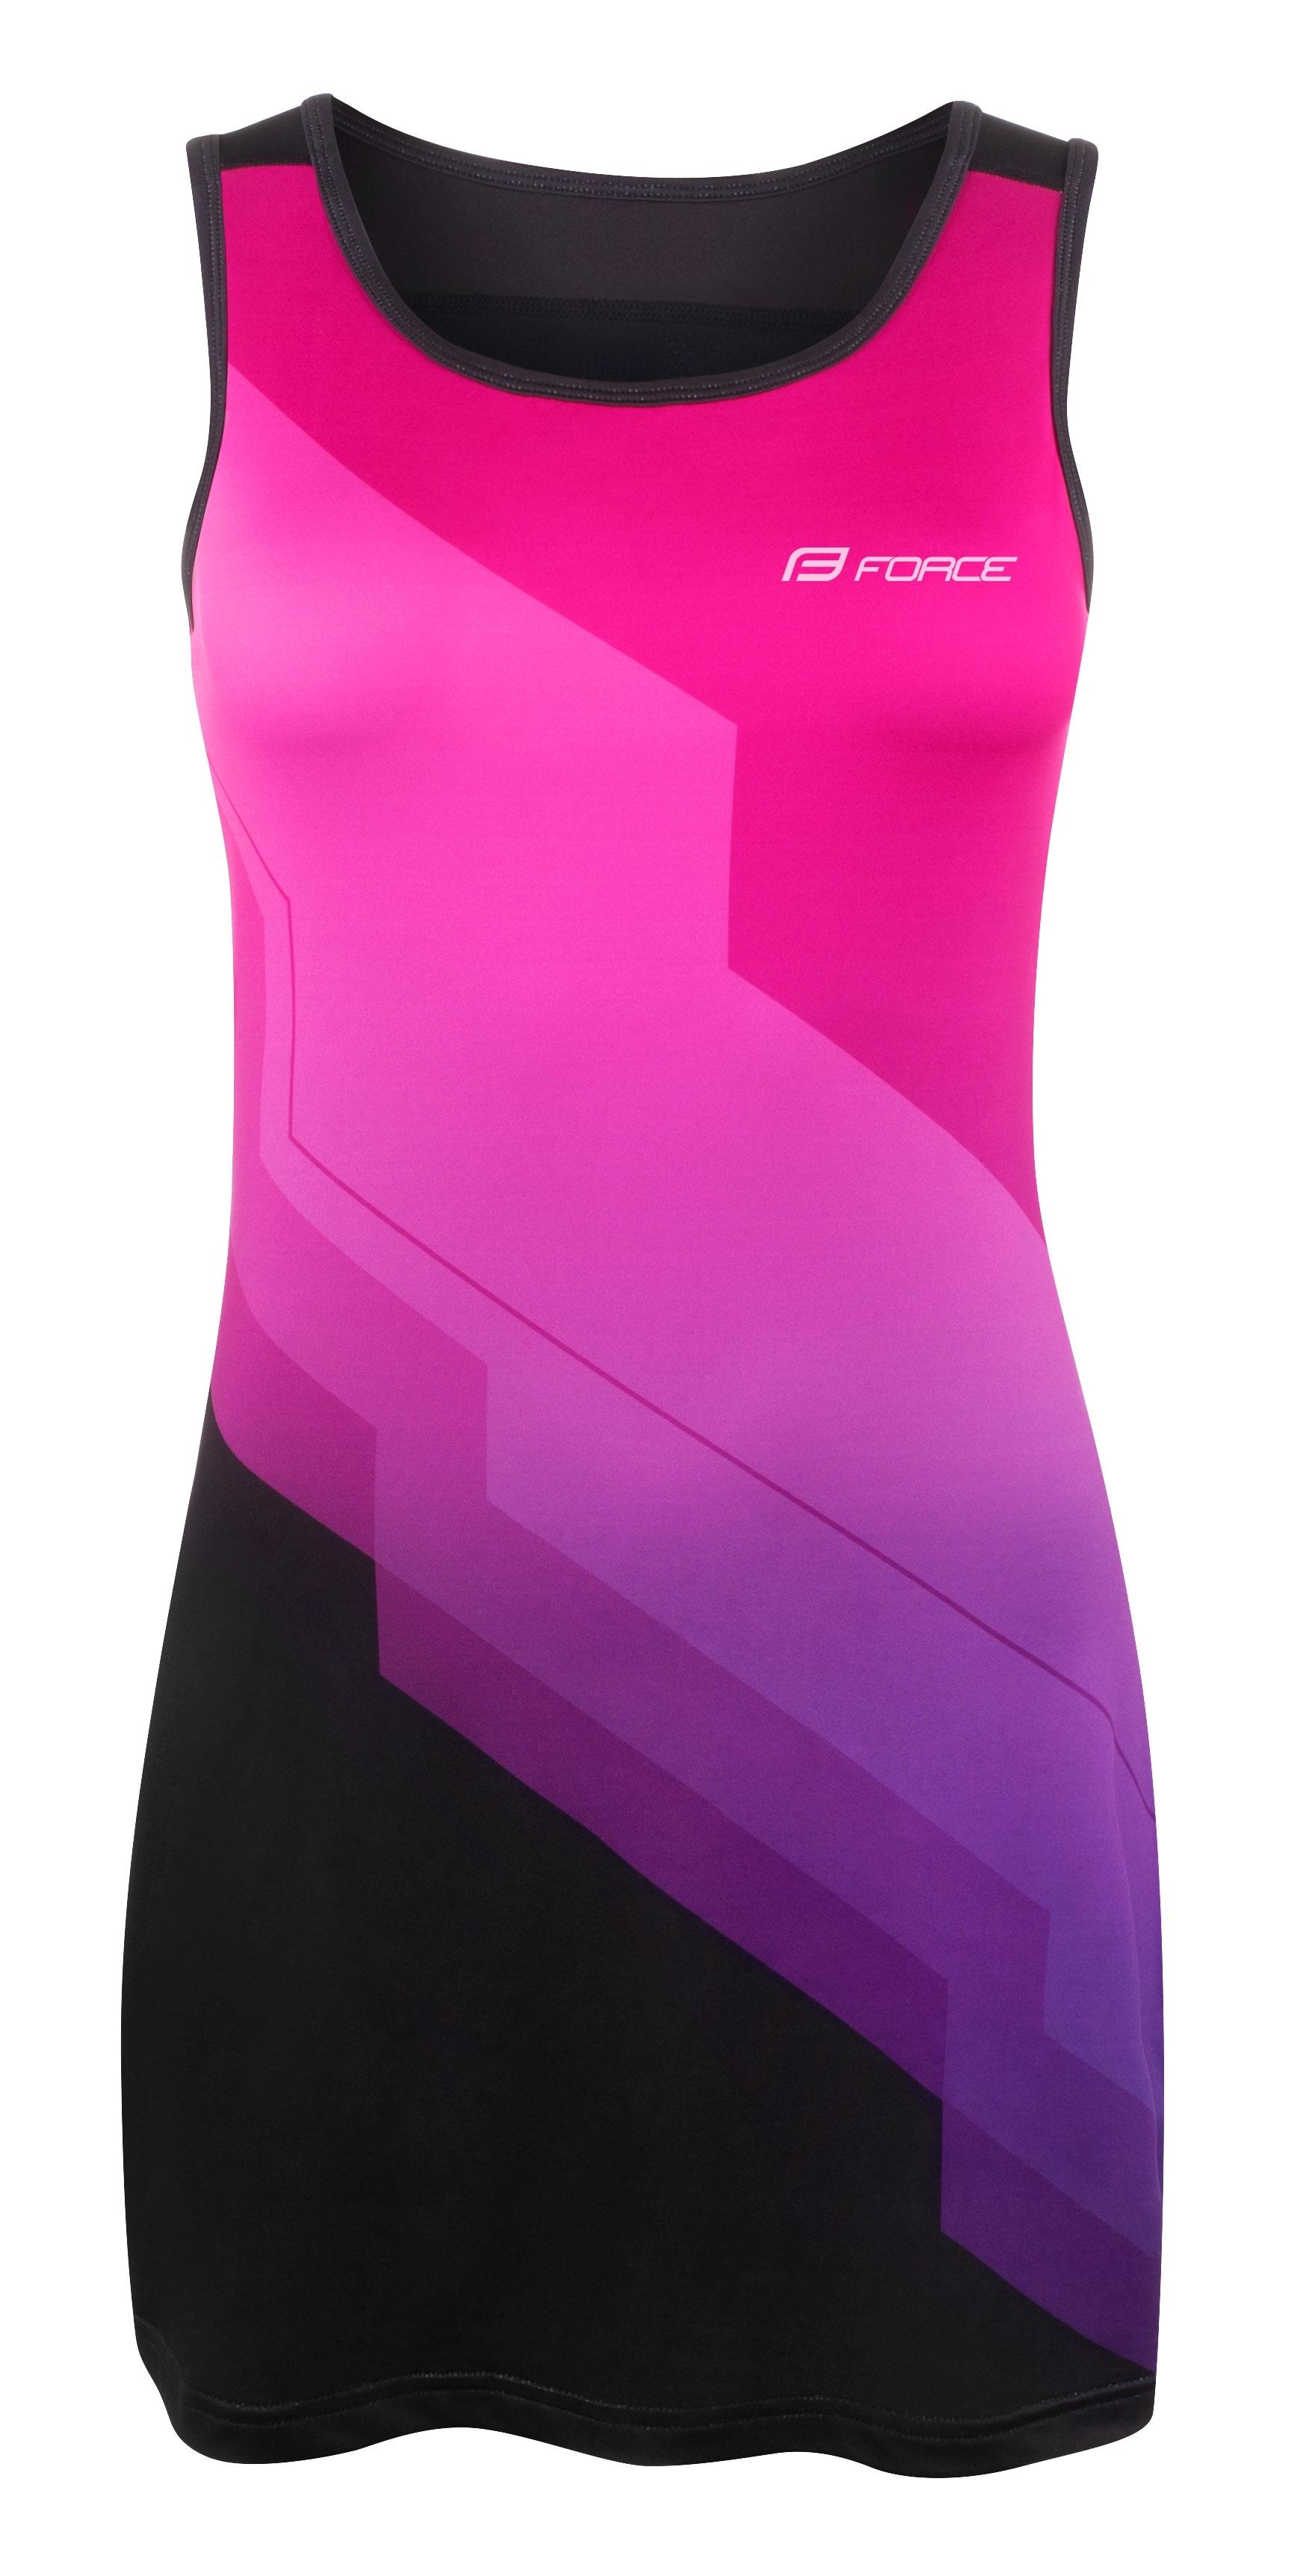 šaty sportovní FORCE ABBY, růžovo-černé XL